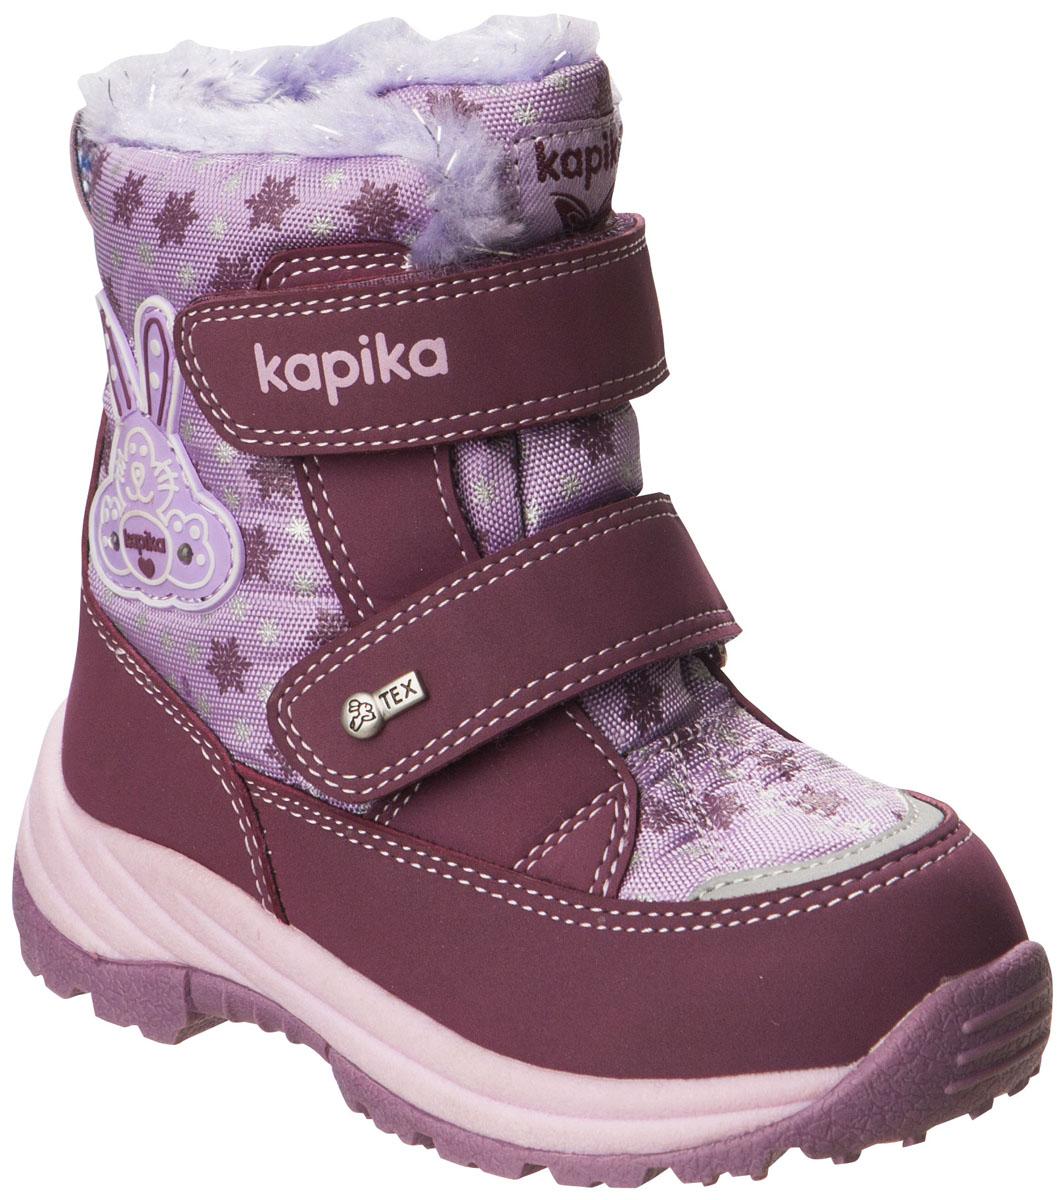 41161-1Легкие, удобные и теплые ботинки от Kapika выполнены из мембранных материалов и искусственной кожи. Два ремешка на застежках-липучках надежно фиксируют изделие на ноге. Мягкая подкладка и стелька из шерсти обеспечивают тепло, циркуляцию воздуха и сохраняют комфортный микроклимат в обуви. Подошва с протектором гарантирует идеальное сцепление с любыми поверхностями. Идеальная зимняя обувь для активных детей и подростков. Модель большемерит на 1 размер.